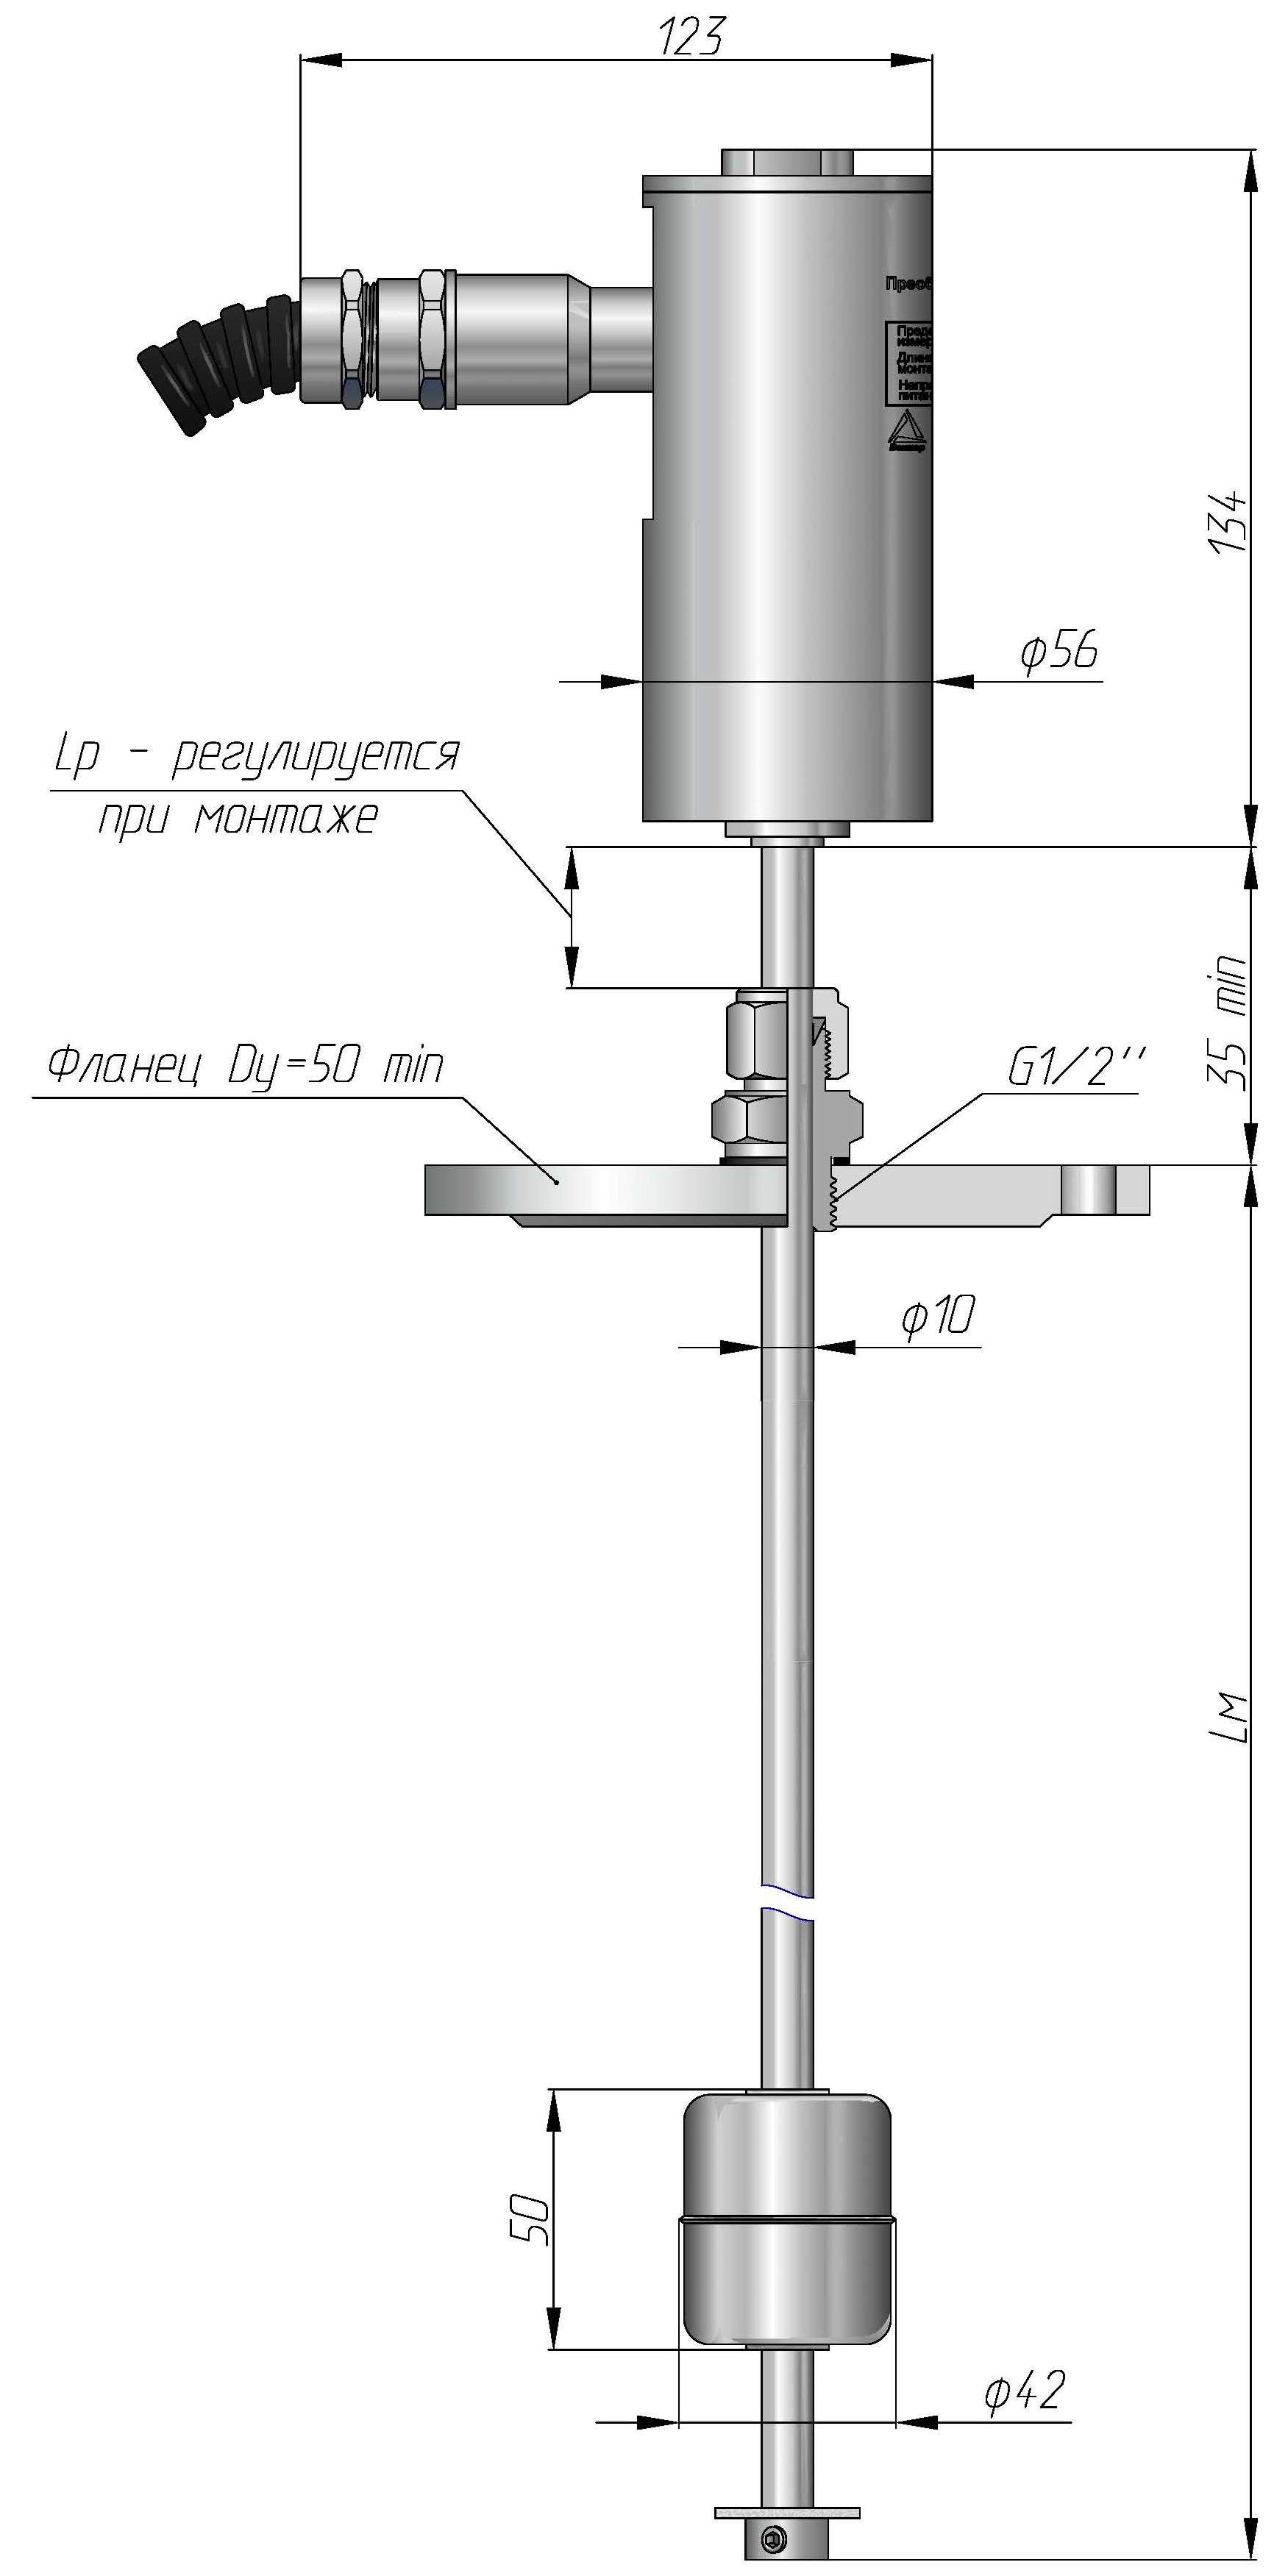 """Датчики уровня магнитострикционные ПЛП1010H-Exd-Д и ПЛП1010U-Exd-Д - ОКБ """"Вектор"""""""